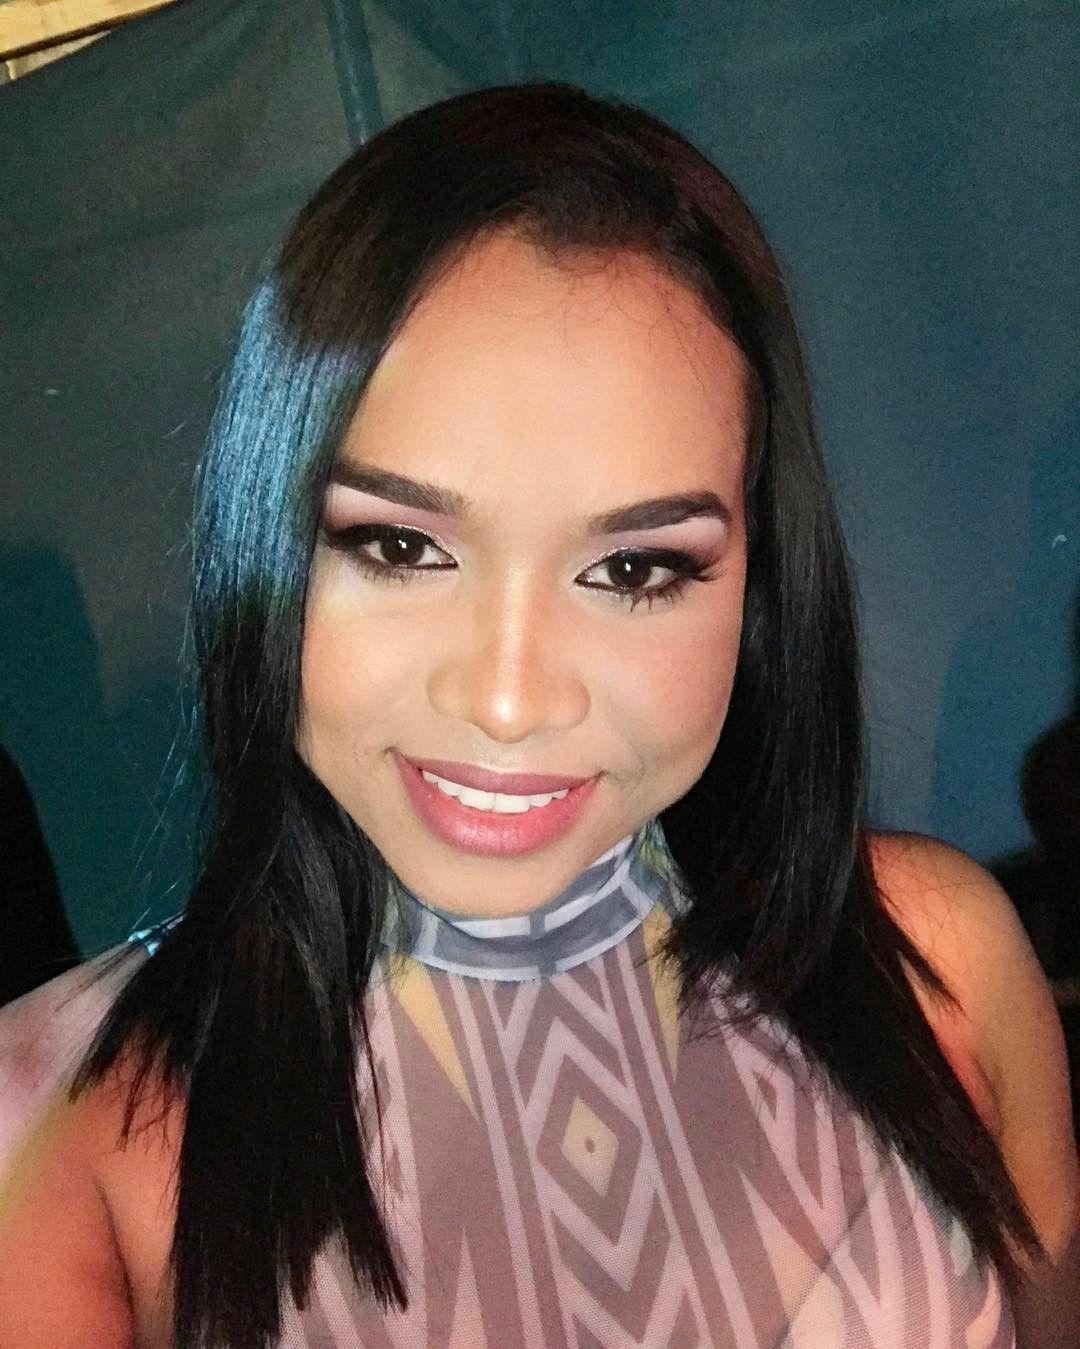 Alyssa Miguel